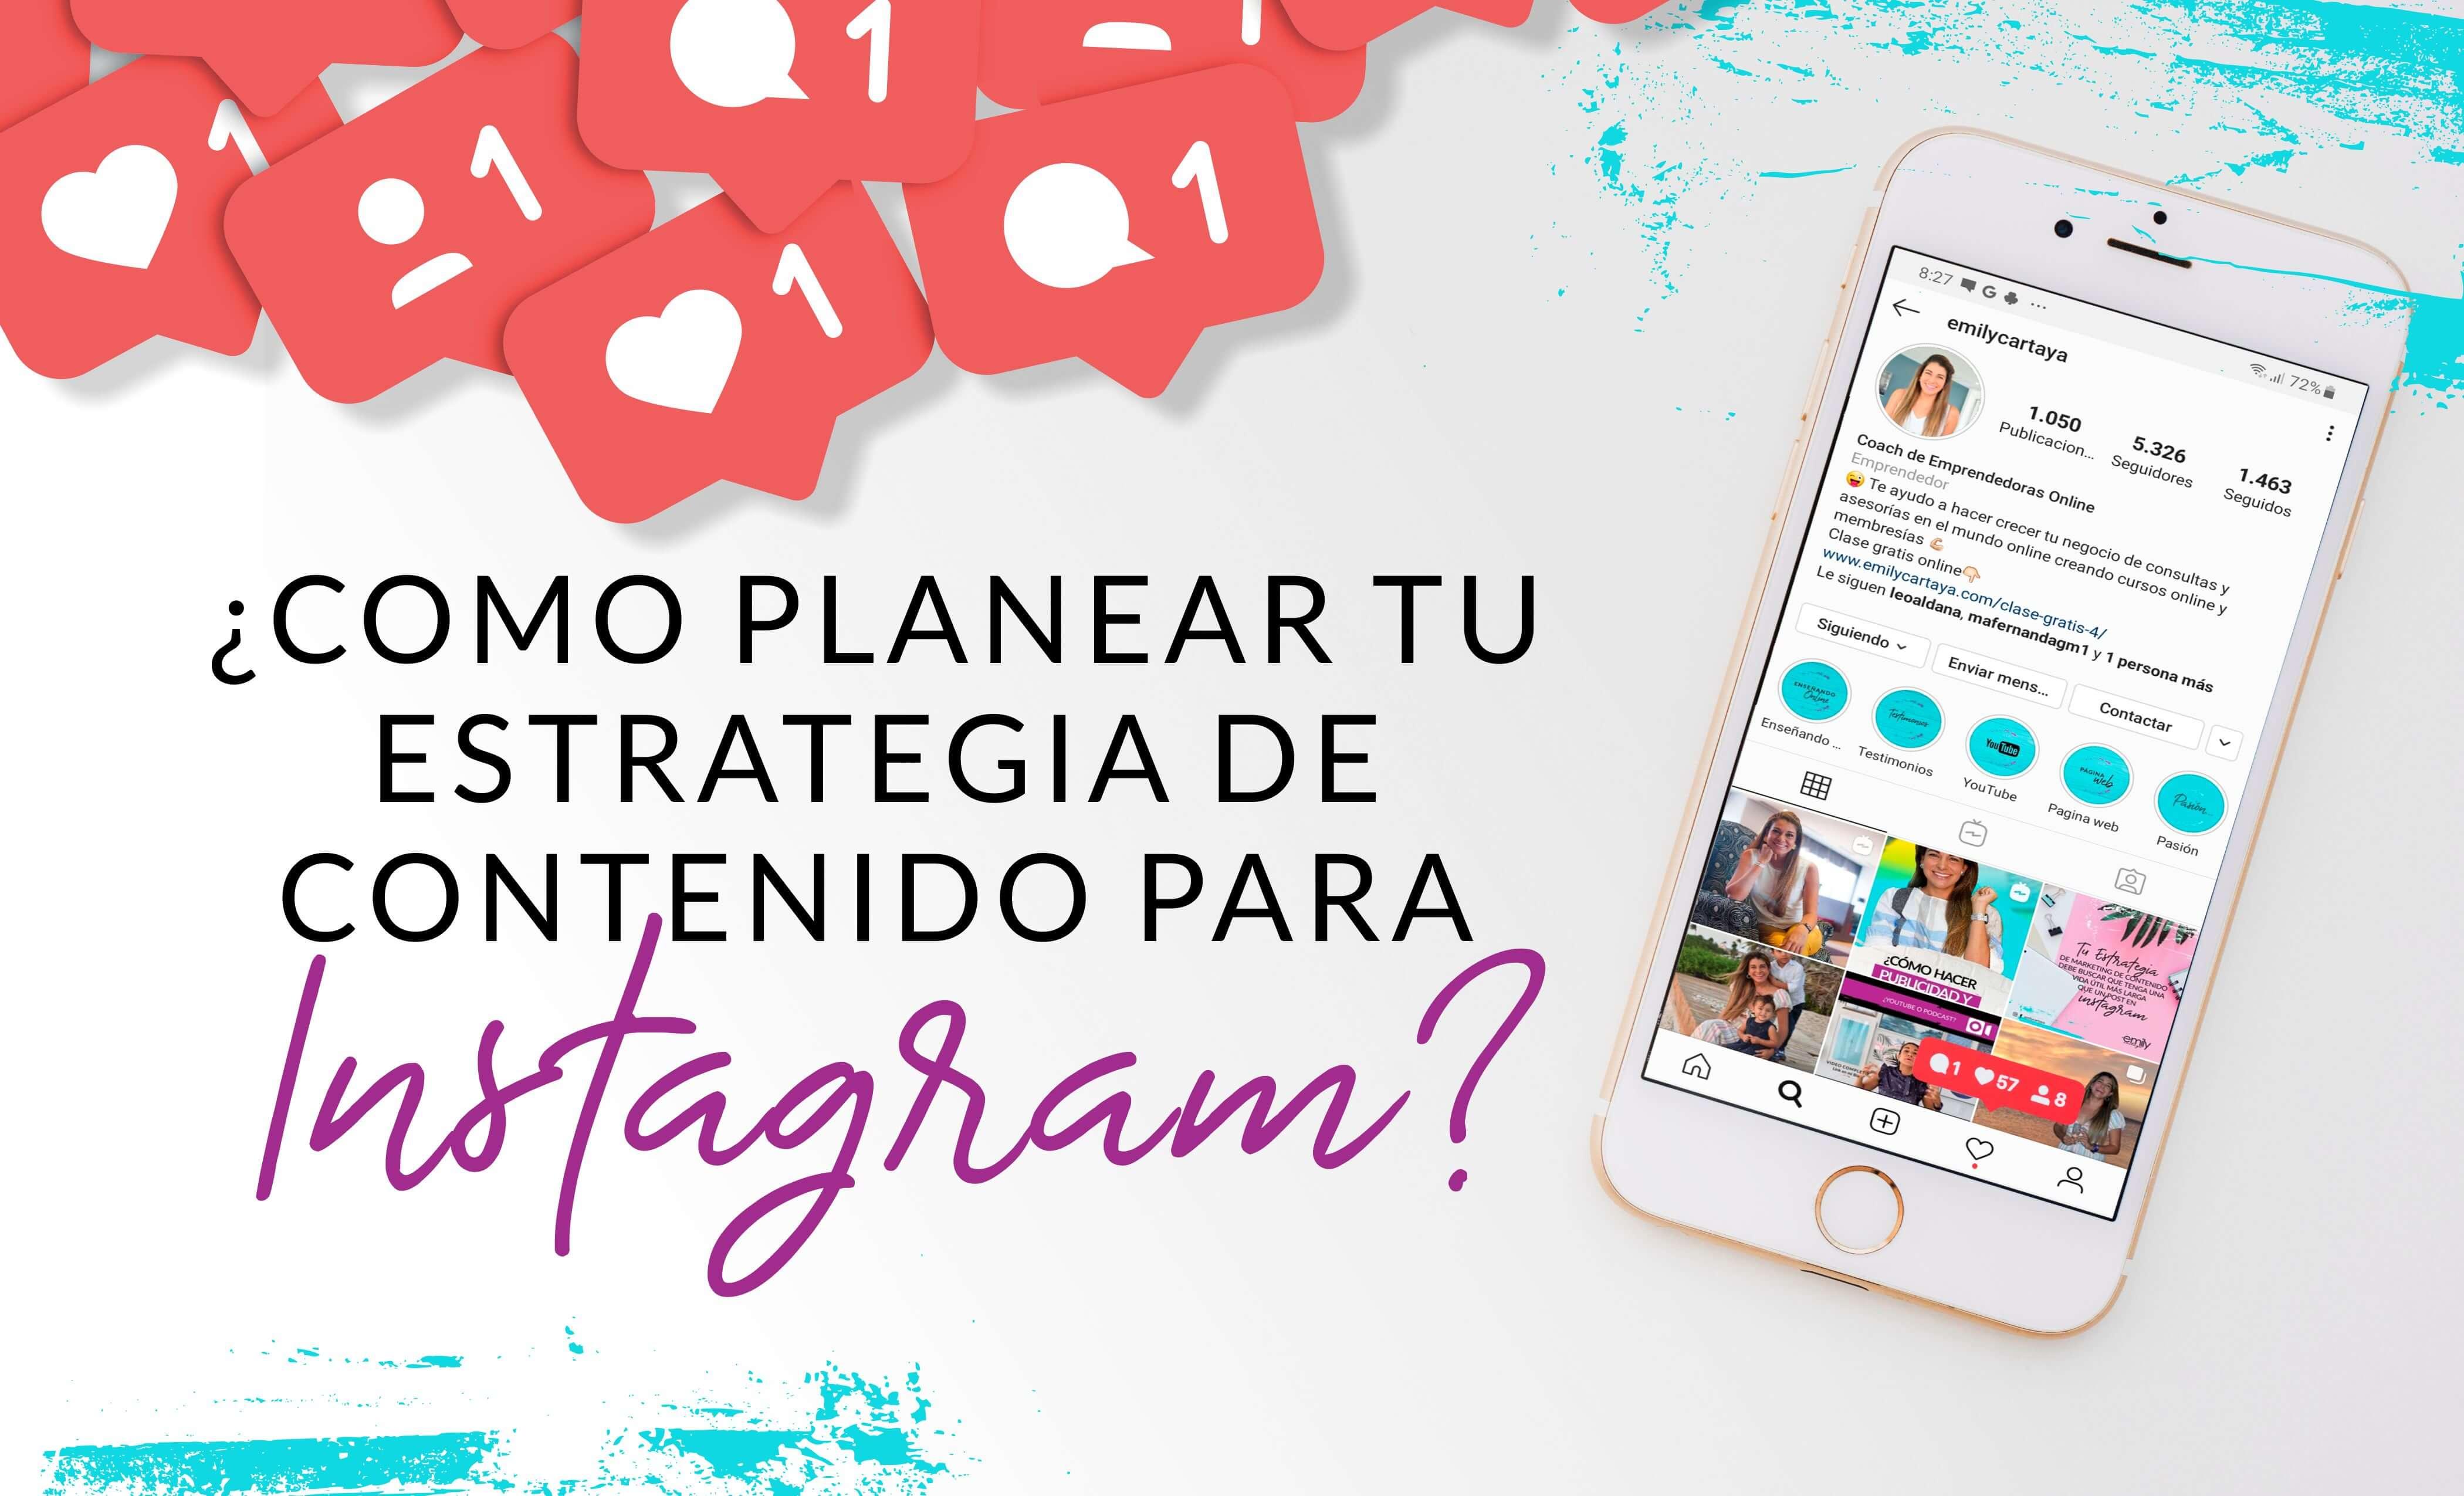 Episodio #34: ¿Cómo planear tu estrategia de contenido para Instagram?